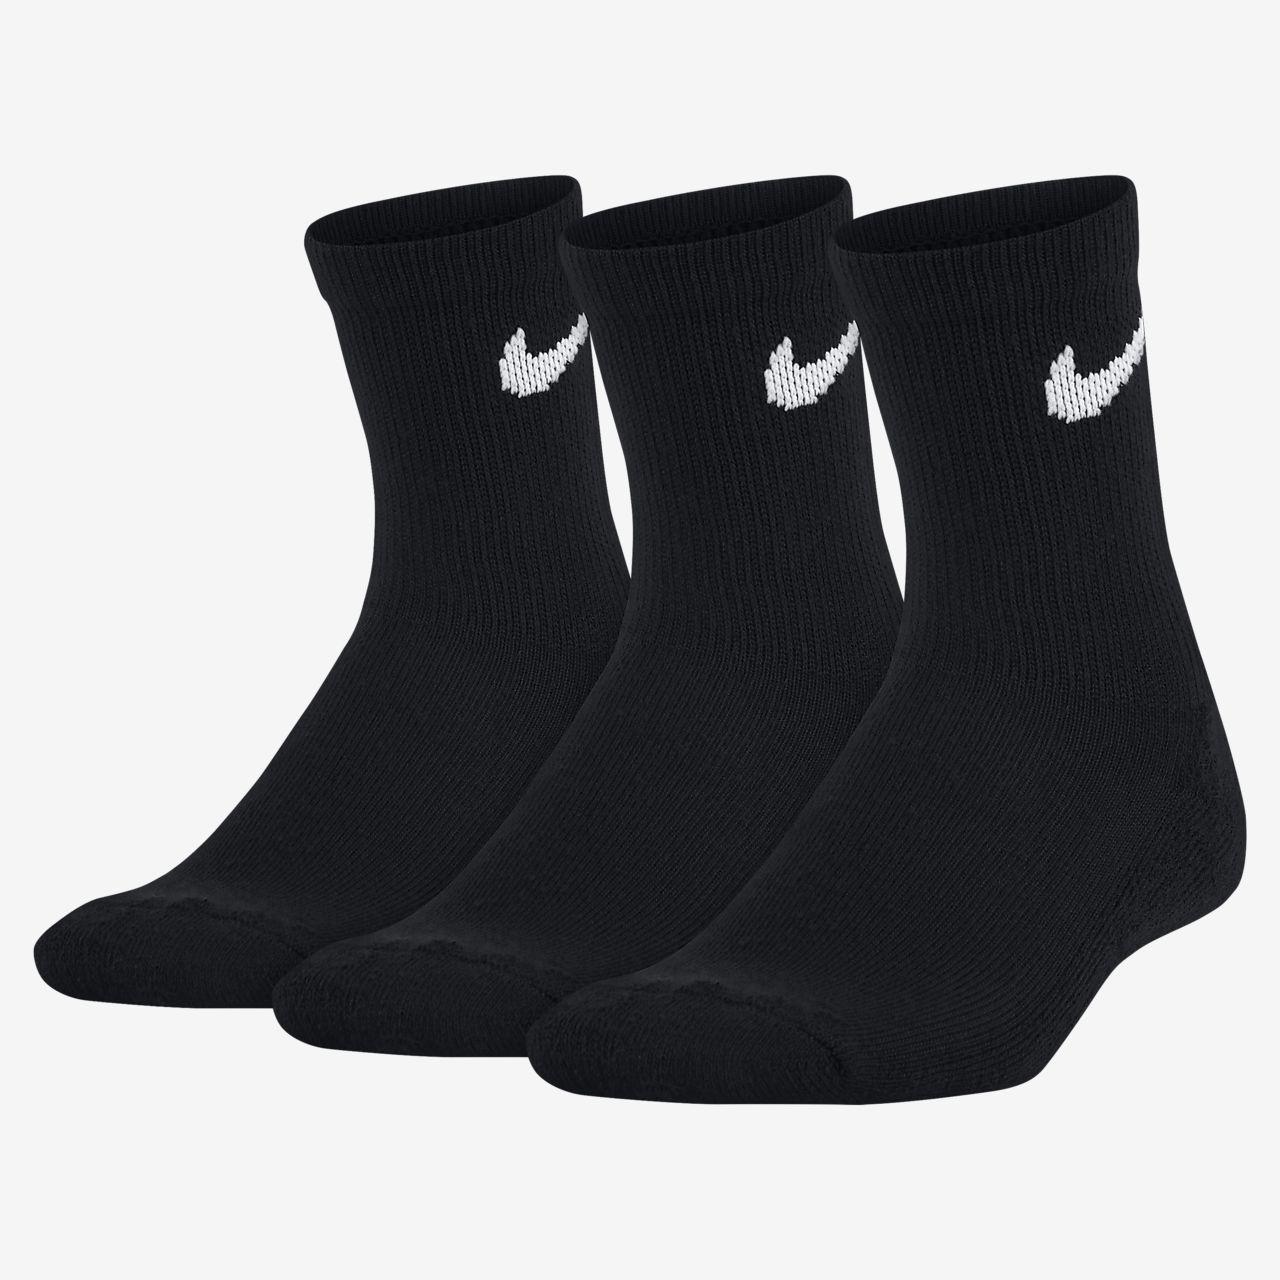 Chaussettes mi-mollet avec amorti Nike pour Jeune enfant (3 paires)